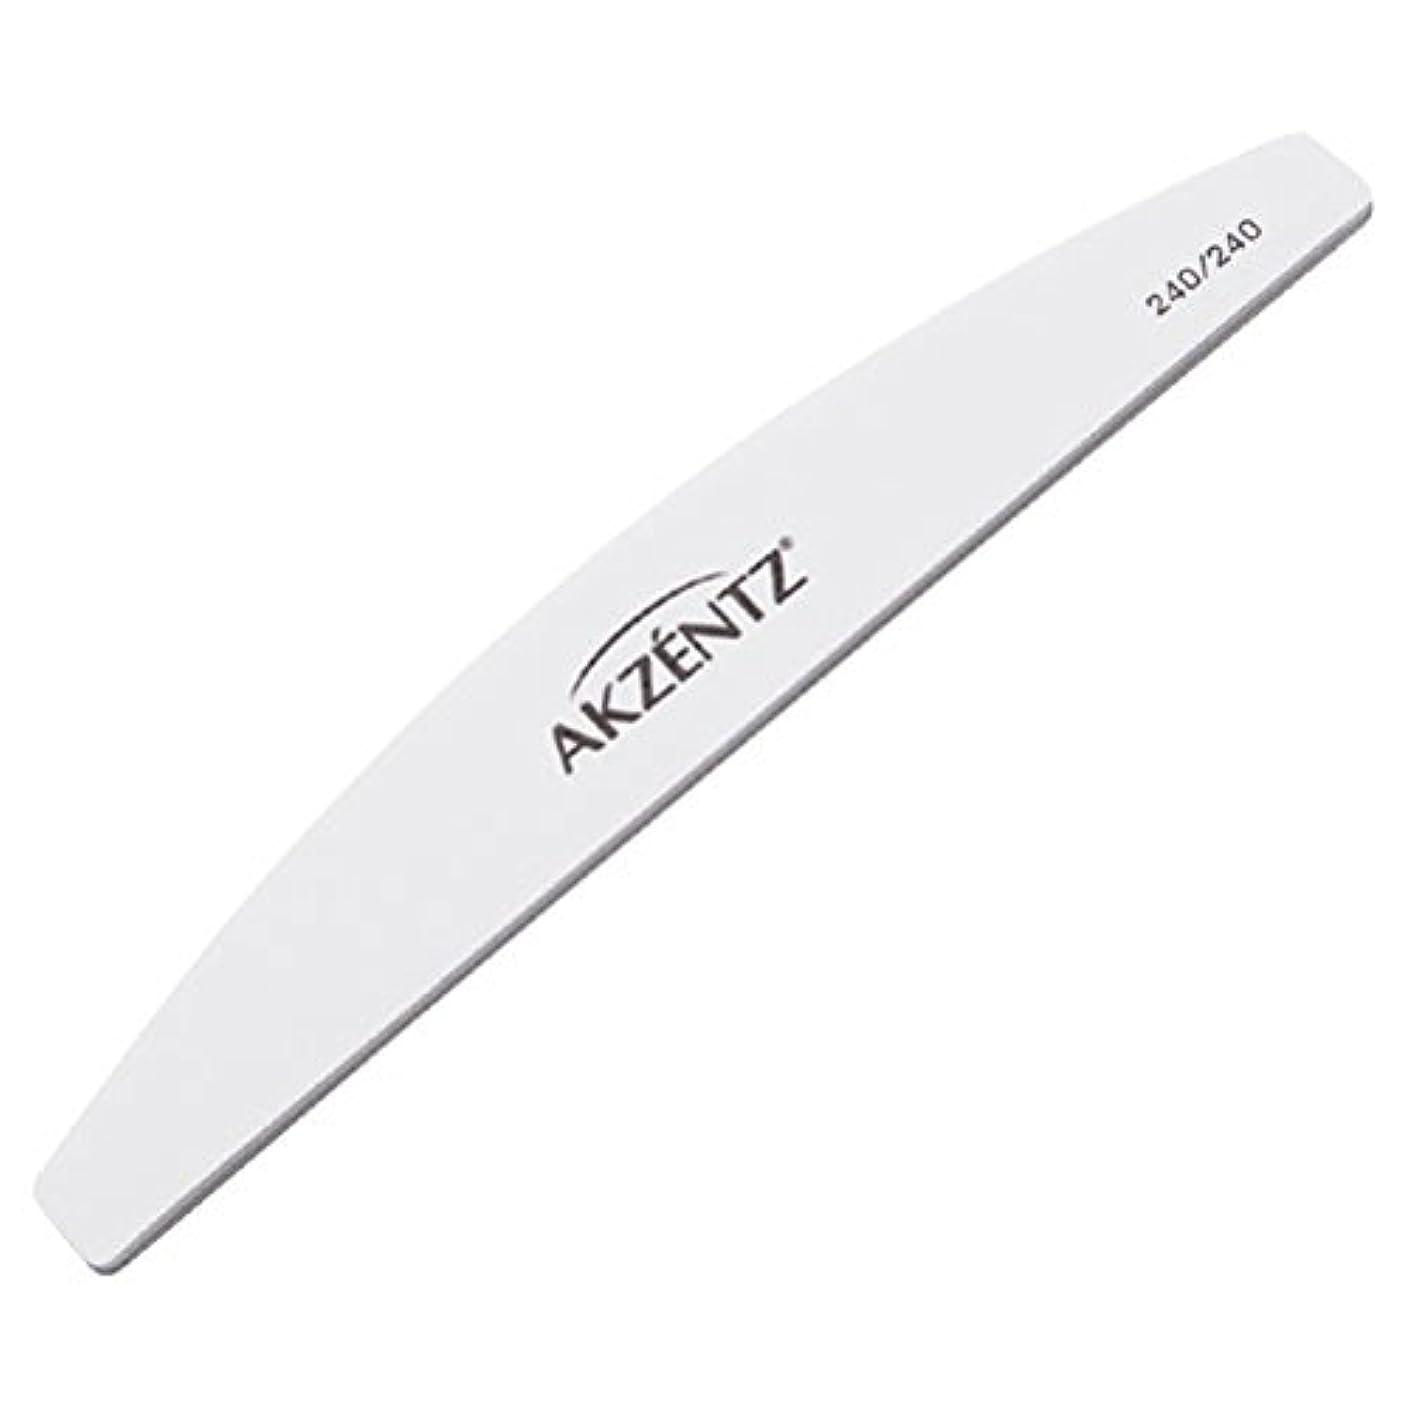 動く洗剤令状AKZENTZ ファイル アーチホワイト 240/240